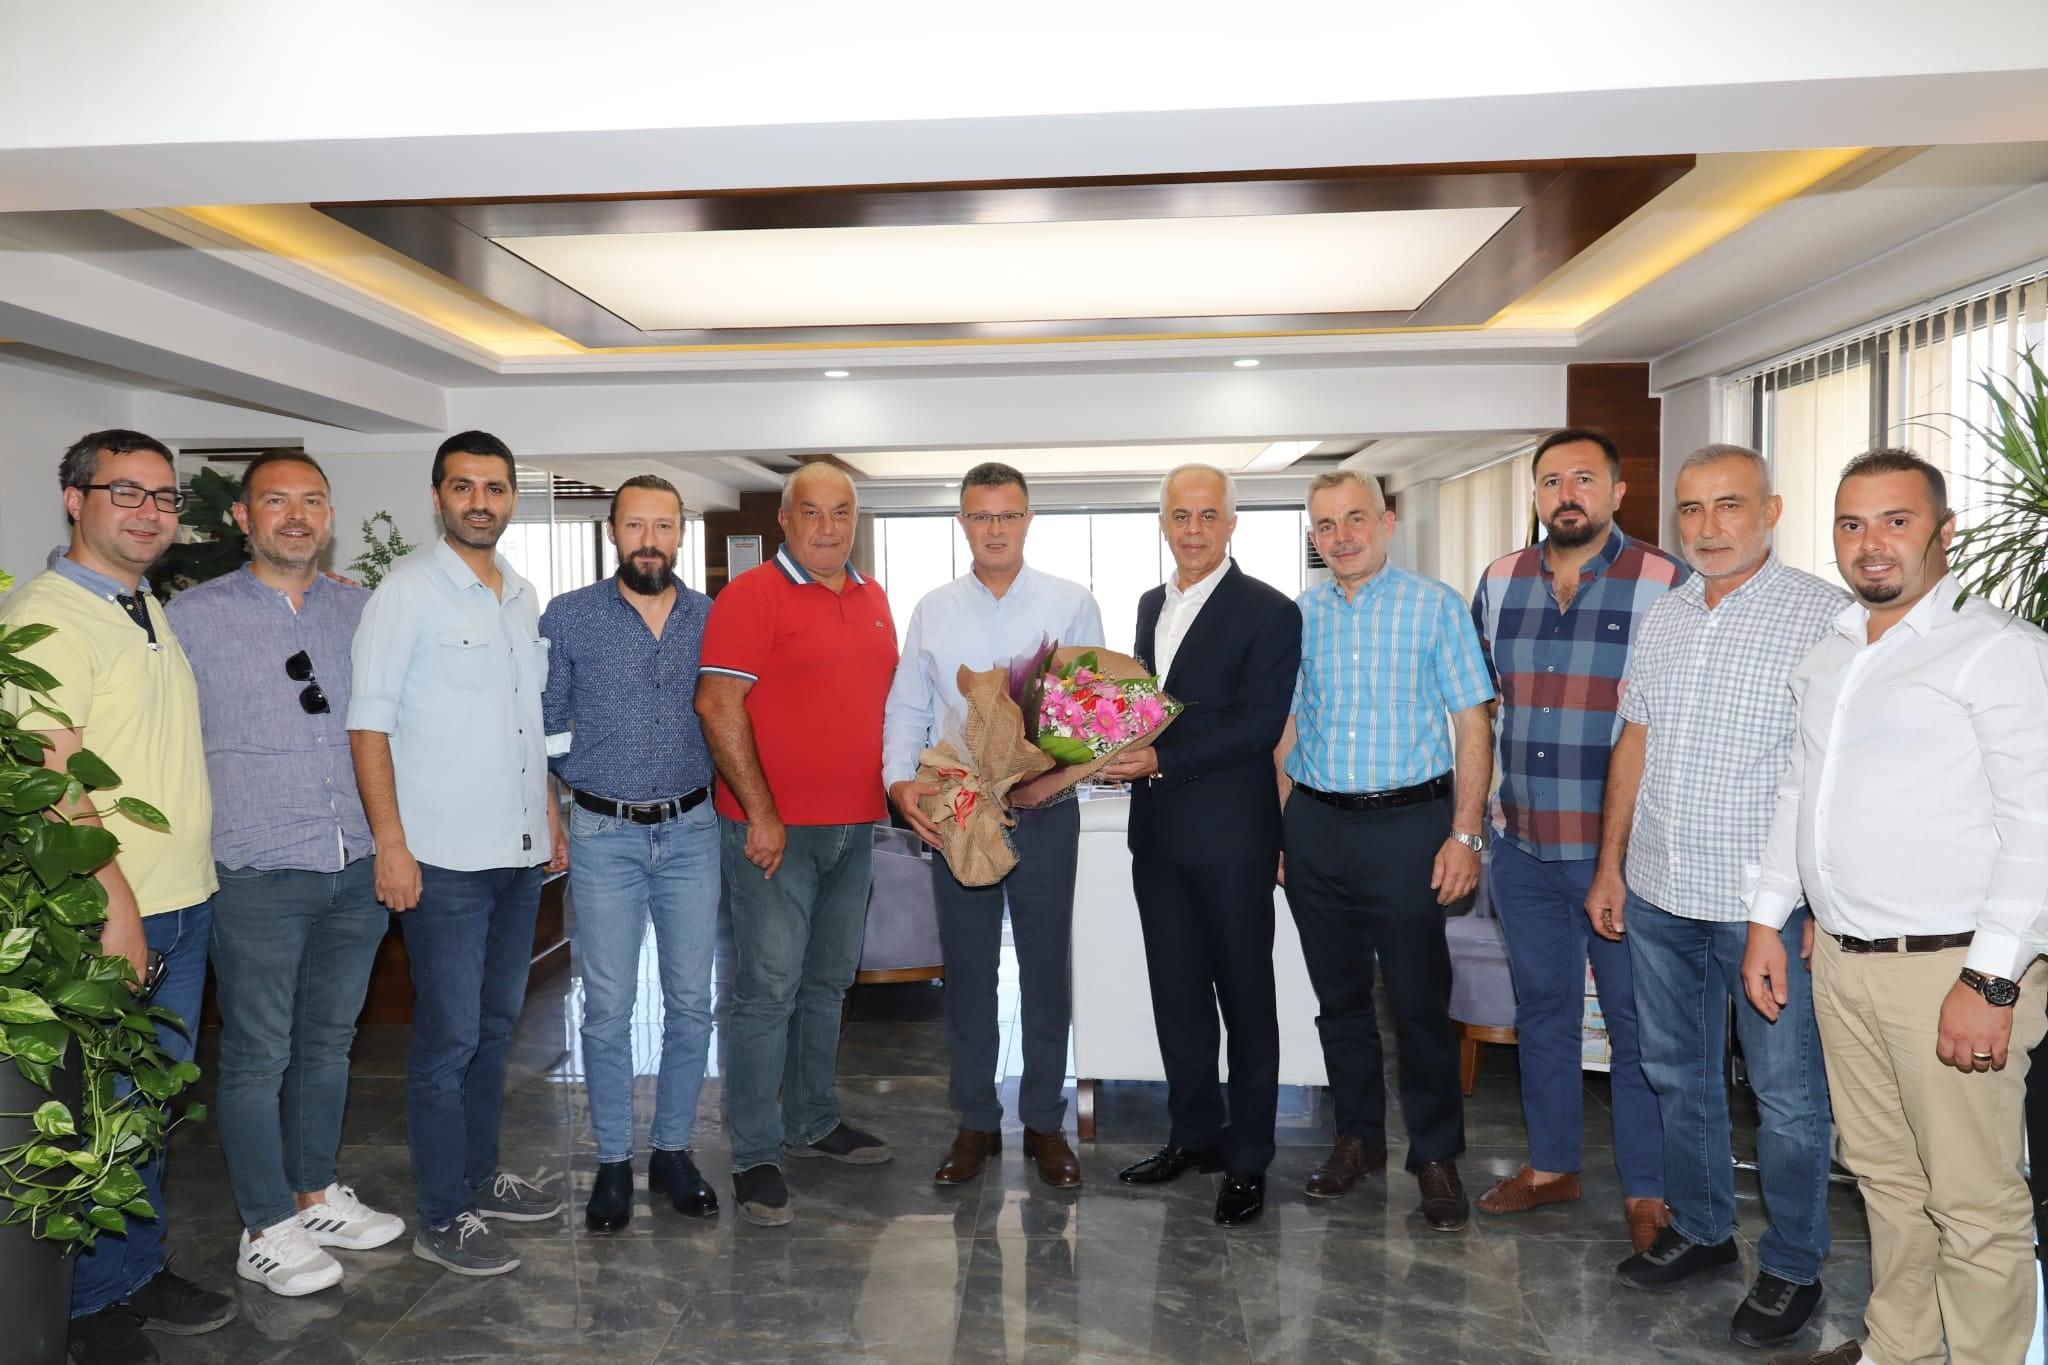 Alaşehir Belediyespor Yeni Başkanımız Tahsin Can ve yönetim kurulu üyeleri bizleri ziyaret etti.